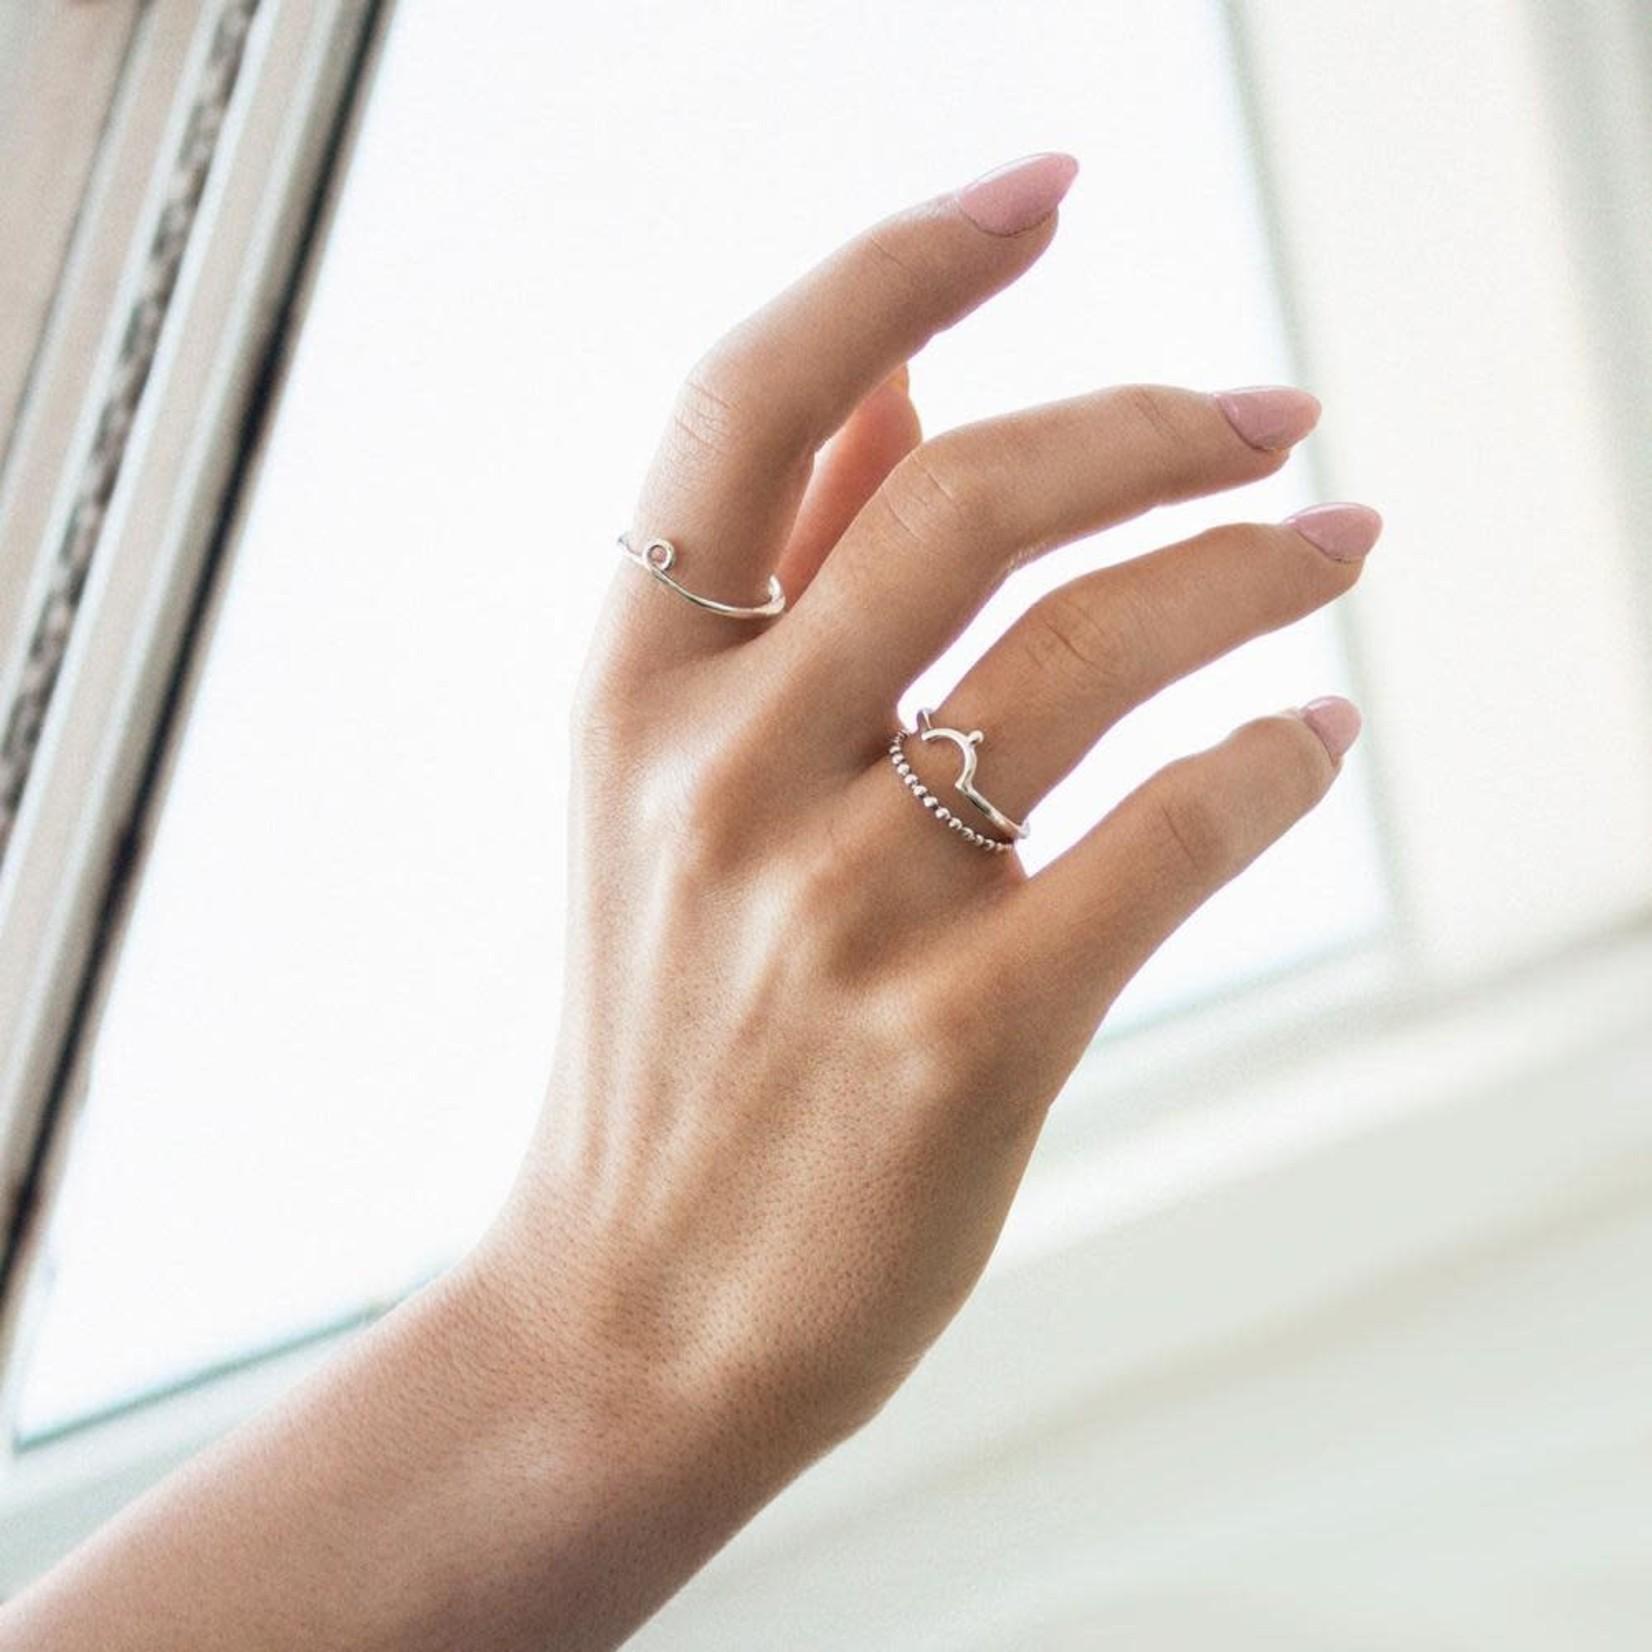 Welldunn jewelry Welldunn bague OMEGA argent